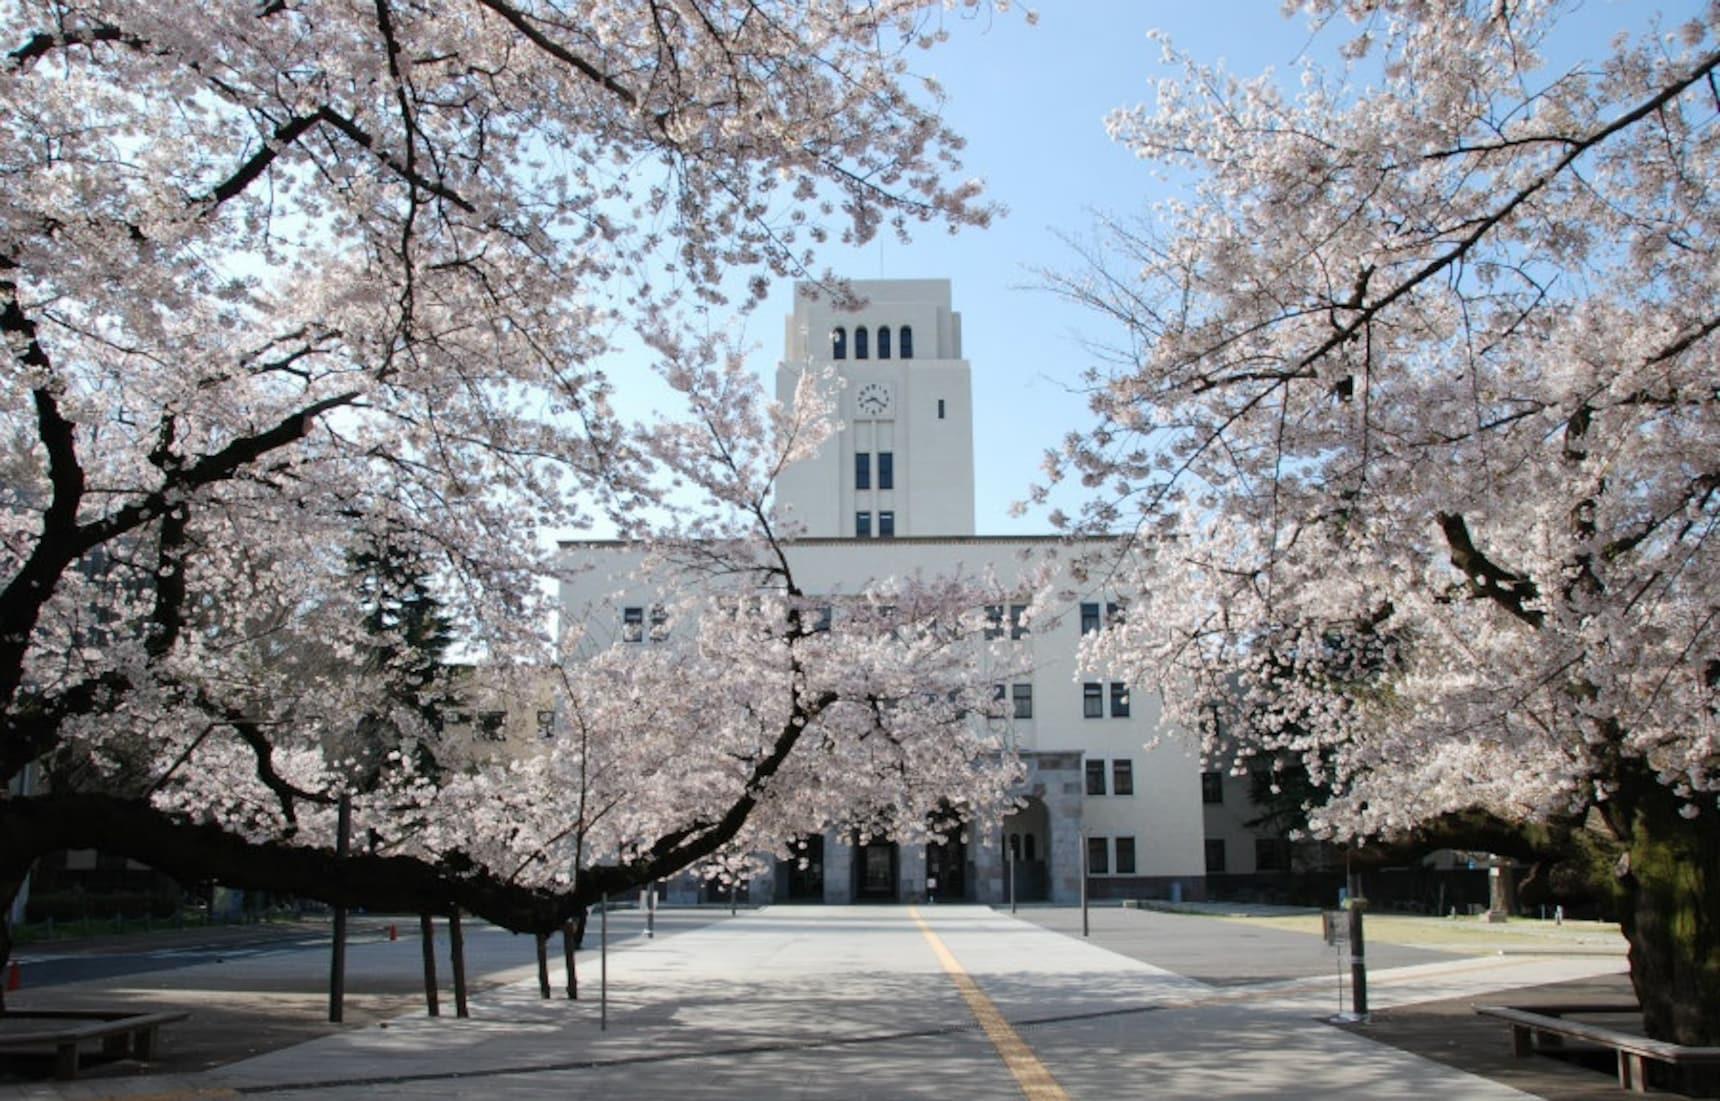 街角传来的熟悉旋律 — 5首经典的毕业季樱花之歌